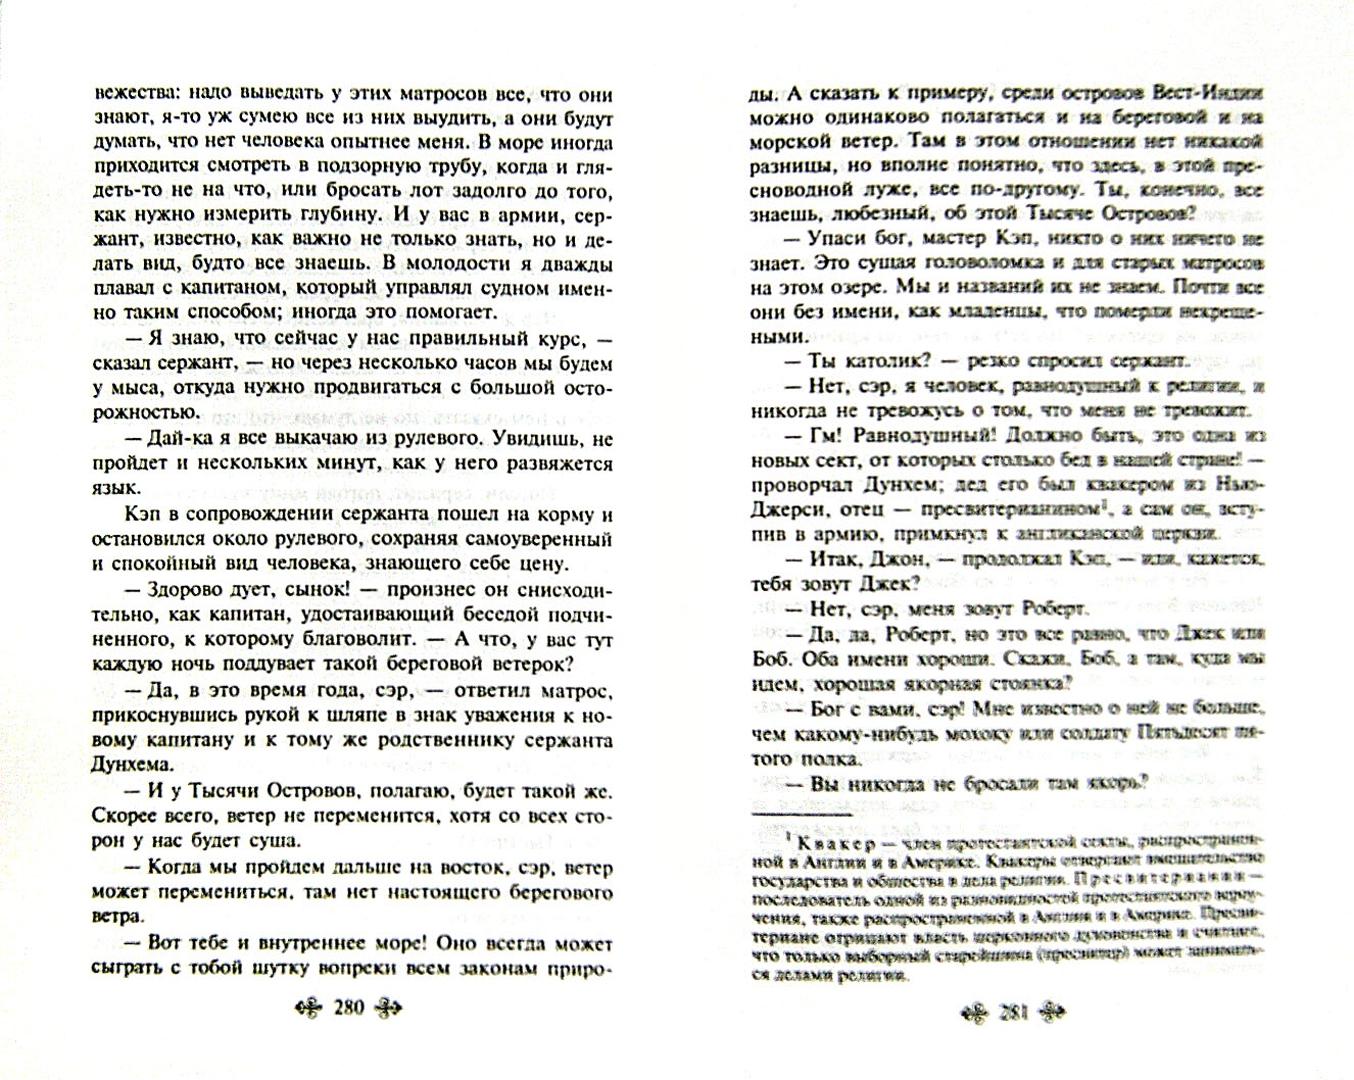 Иллюстрация 1 из 5 для Следопыт - Джеймс Купер | Лабиринт - книги. Источник: Лабиринт